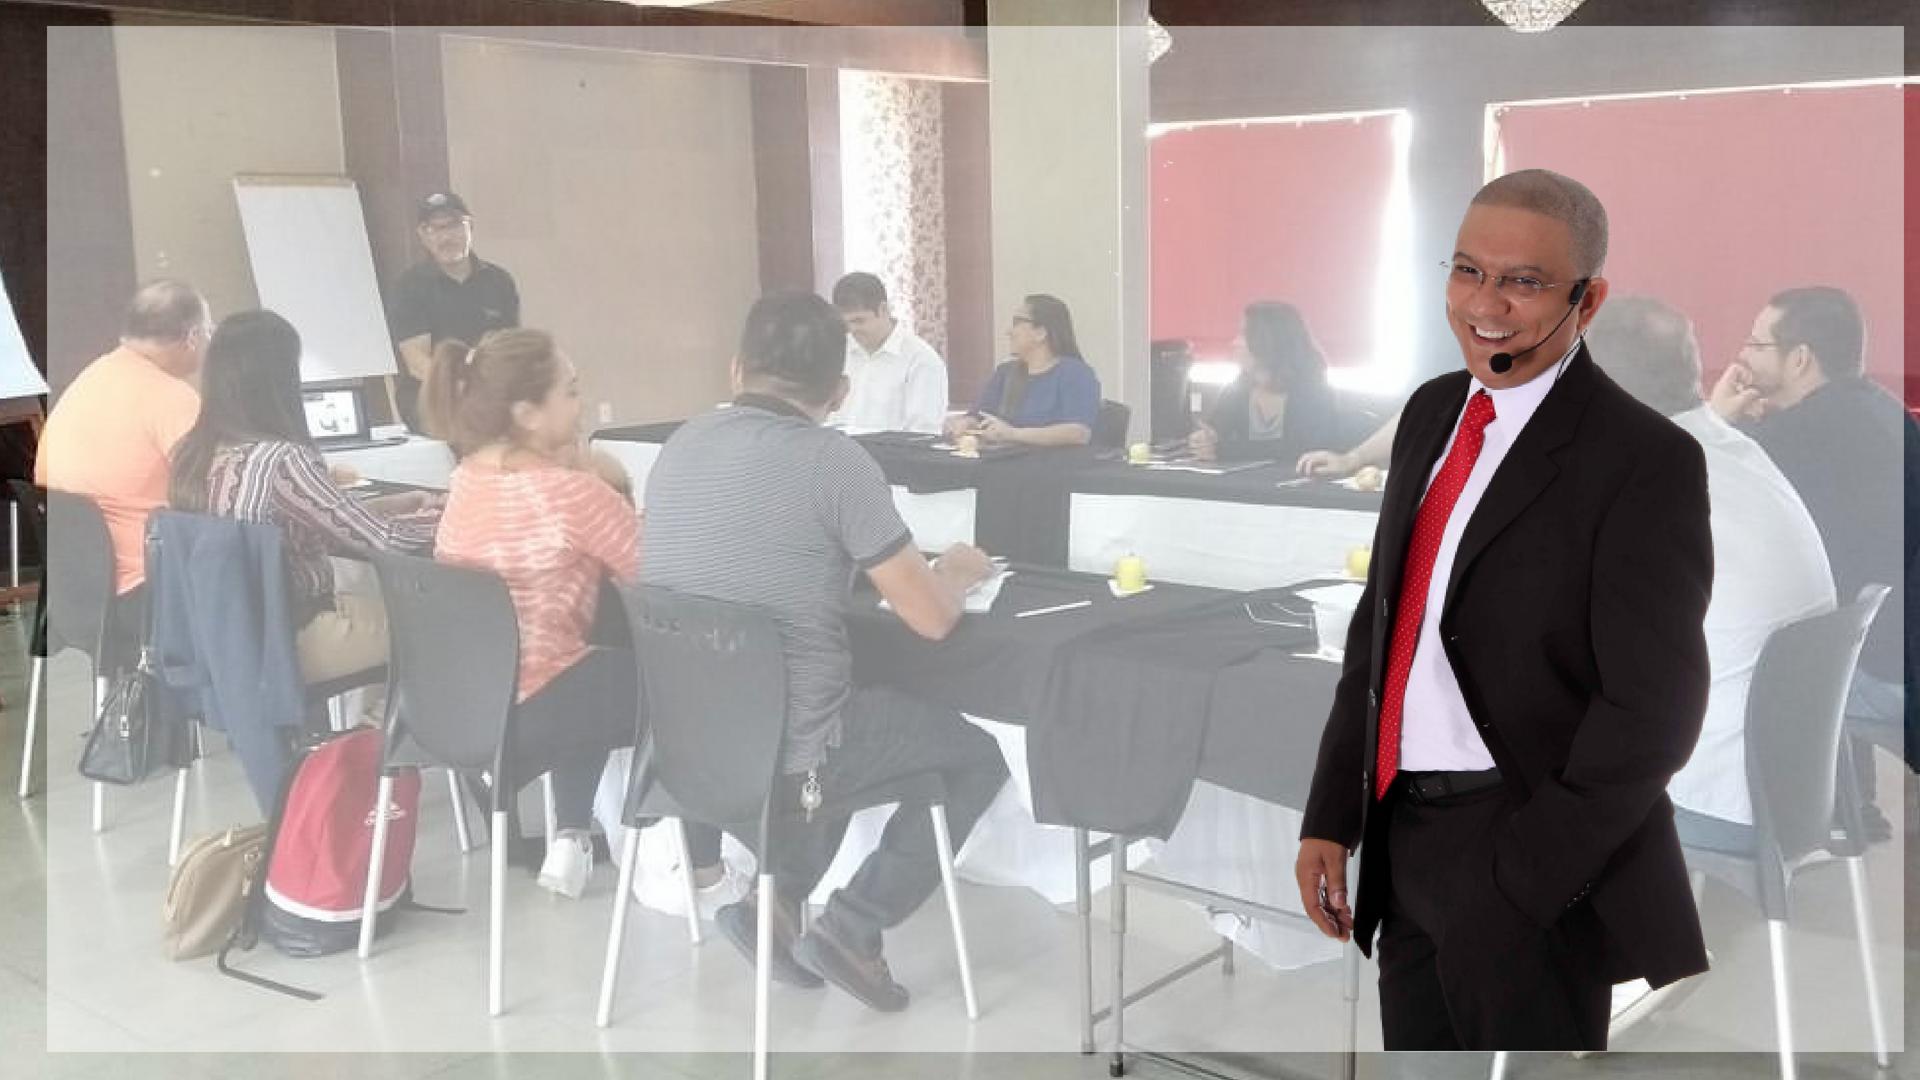 Professor Rogério Castilho - é um dos poucos brasileiros autorizados a ensinar PNL com a certificação emitida e assinada pelo co-criador da Programação Neurolinguística, Dr. Richard Bandler.Castilho é Practitioner, Master e Trainer em PNL, tendo sido treinado pessoalmente por Richard Bandler, além de Psicólogo e Comunicador Social, Doutor h.c. em Saude Mental, com Pós-Graduação em Psicologia & Marketing e em Neurociência pela FMU, MBA em Recursos Humanos, Especialista em Hipnose Clínica (PUC-SP).Possui mais de 50 certificações nacionais e internacionais em Hipnose Clínica e em PNL. É treinador de Alto Desempenho e instrutor internacional de Hipnose, com mais de 7000 alunos. (Brasil – Colômbia - Japão – Portugal – Alemanha).